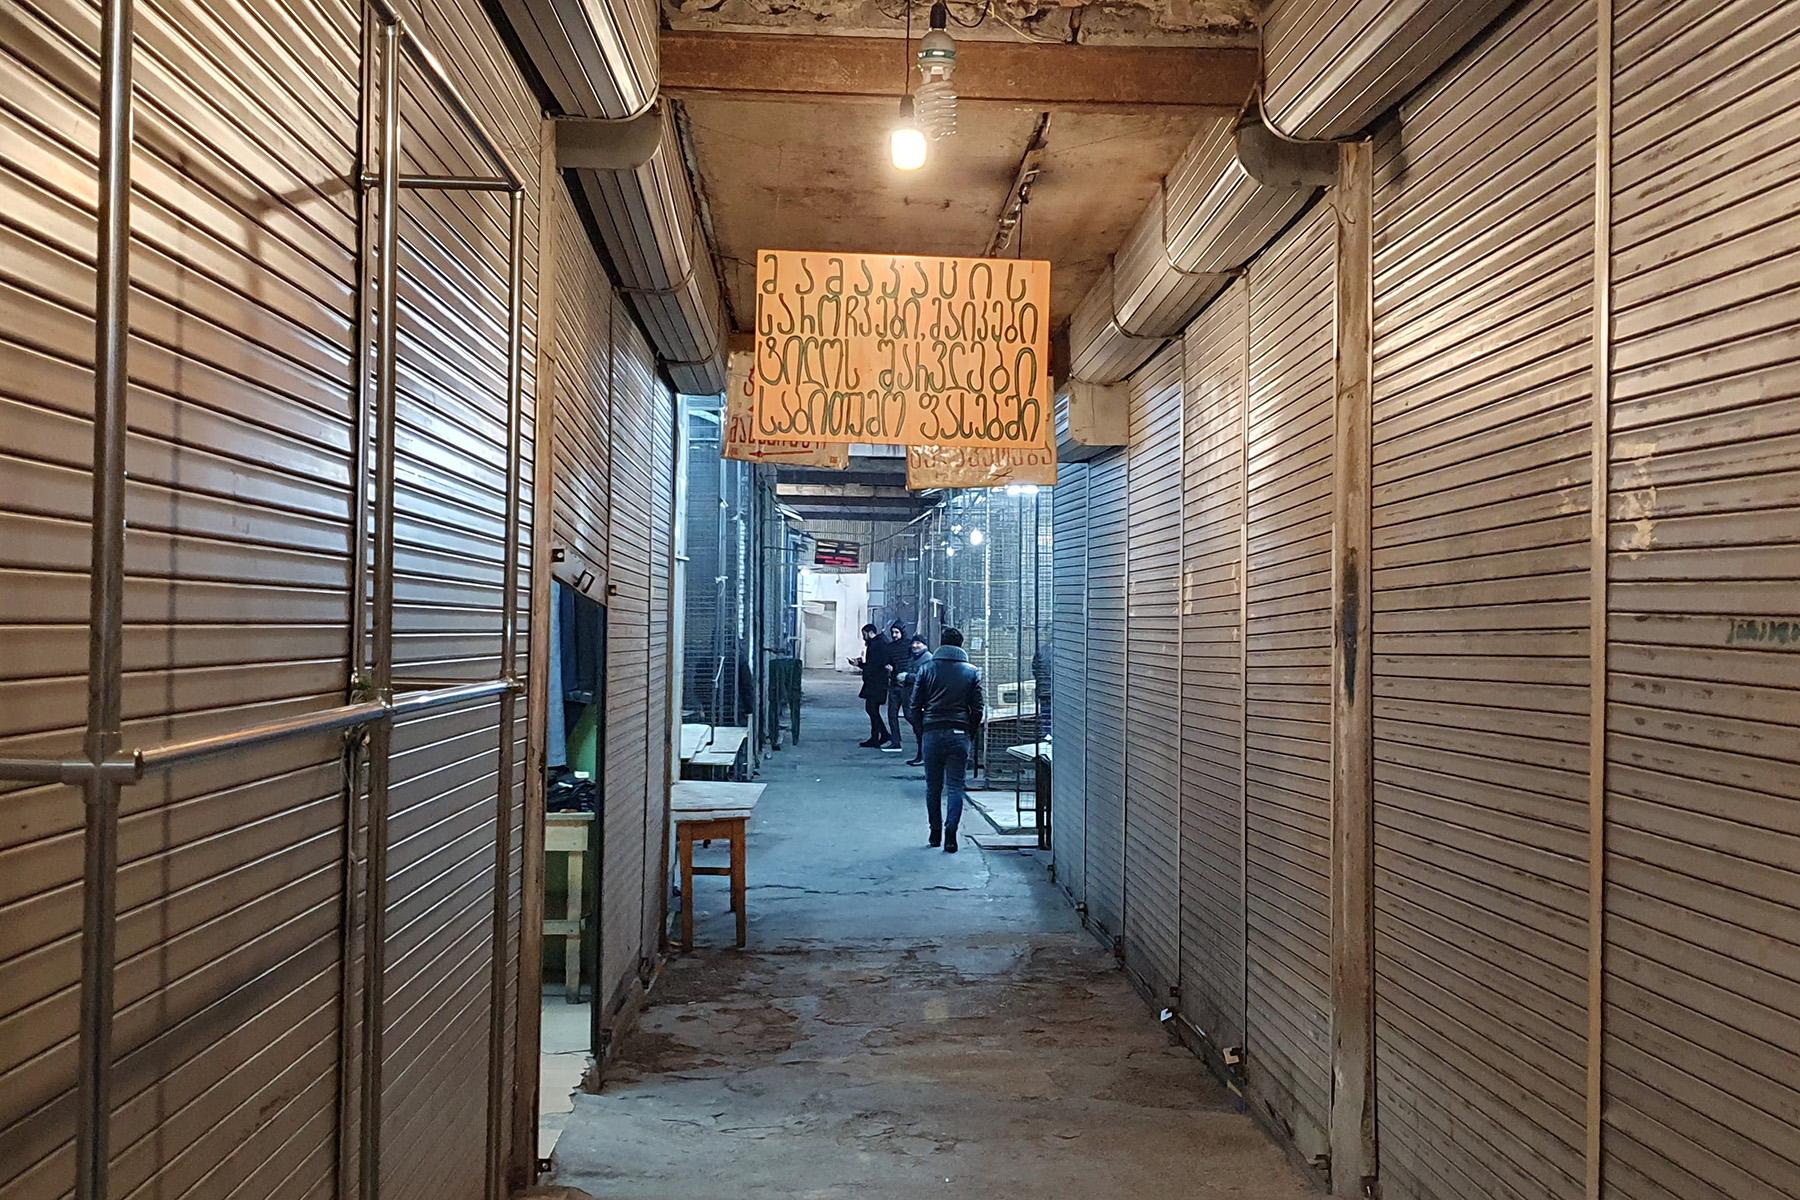 Many of the stalls are closed. Photo:Dominik K Cagara/OCMedia.